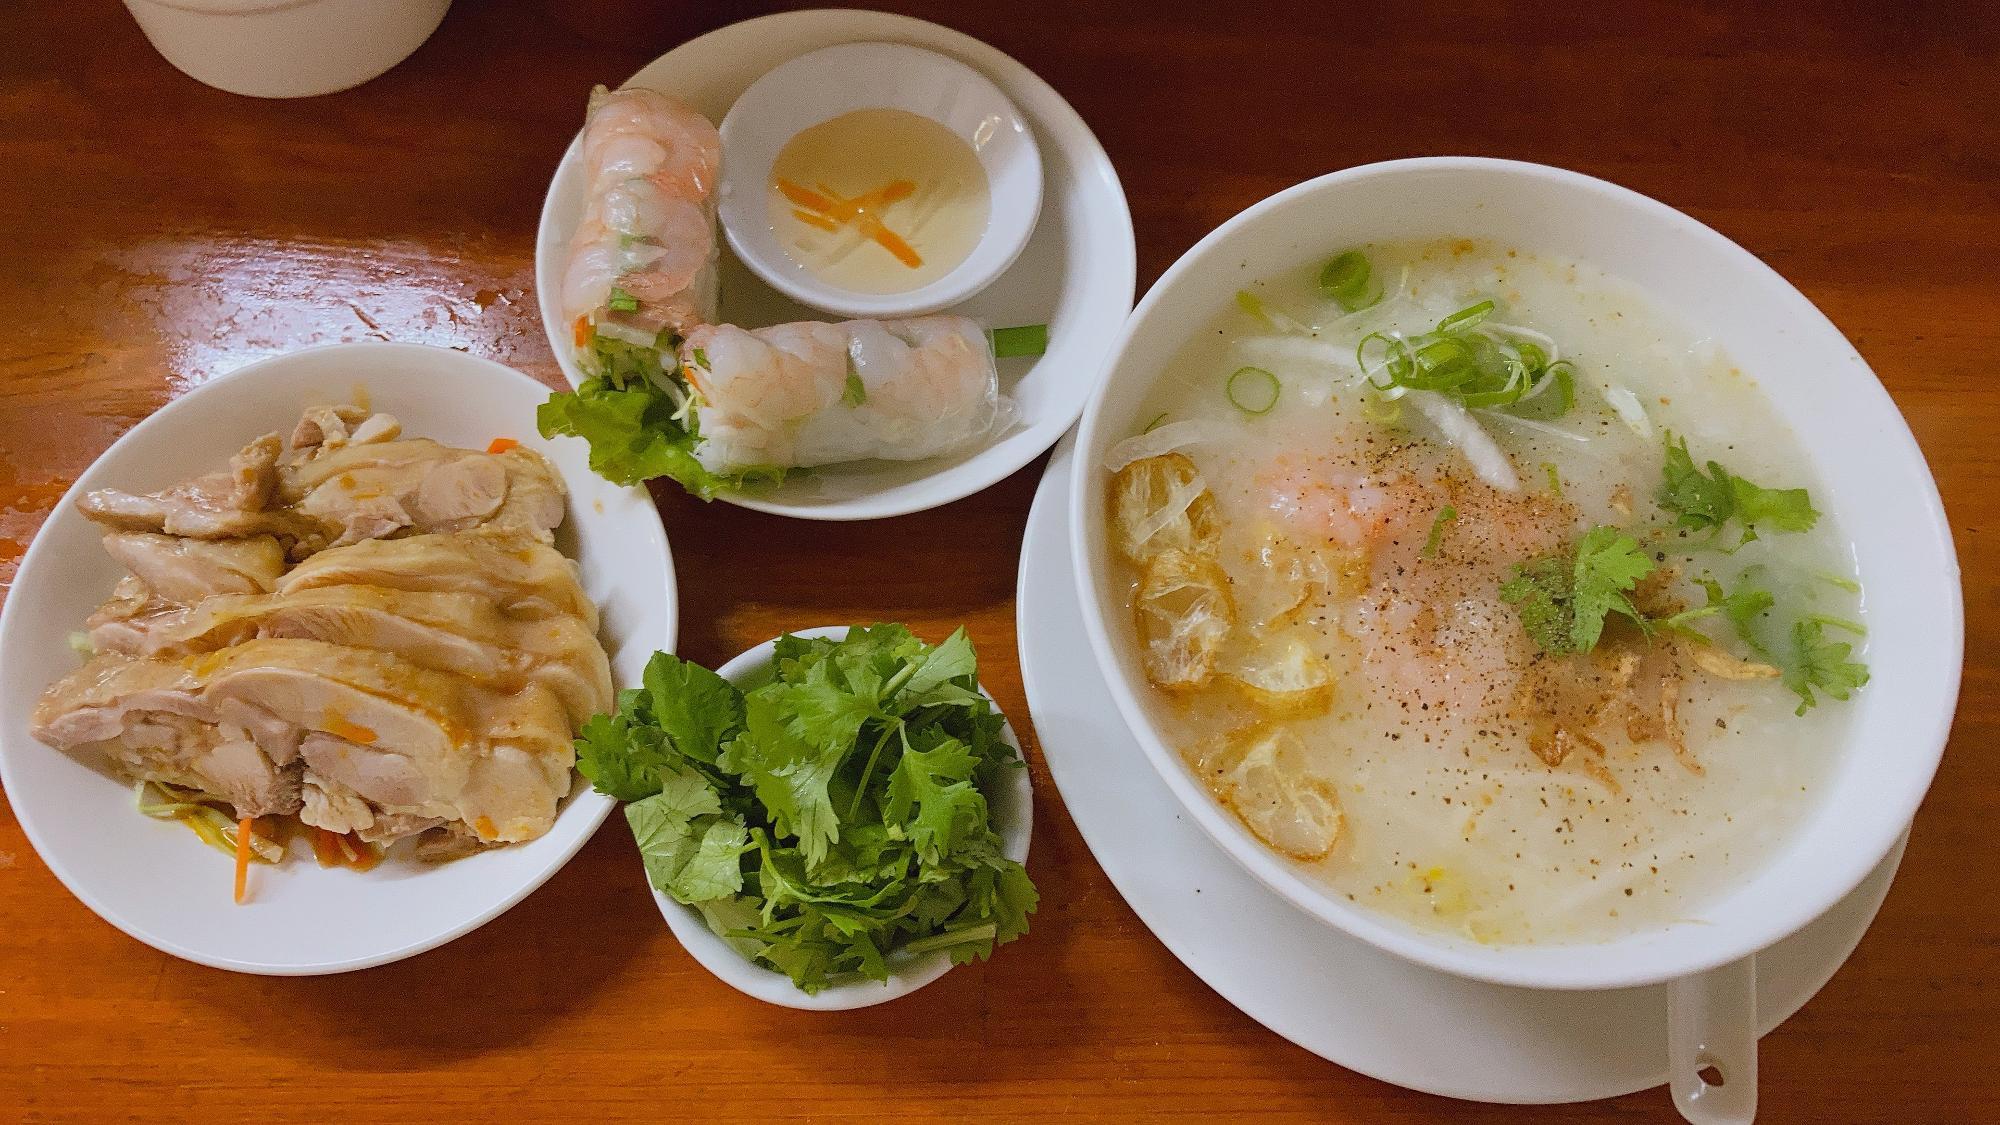 ベトナム粥セット(海老か鶏肉) ¥850 パクチー追加¥100